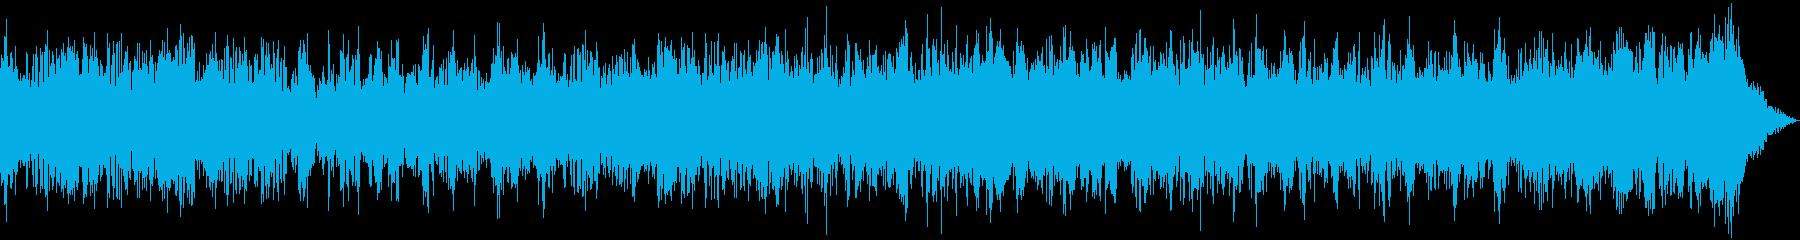 壮大で独特な世界観あるメロディーの再生済みの波形